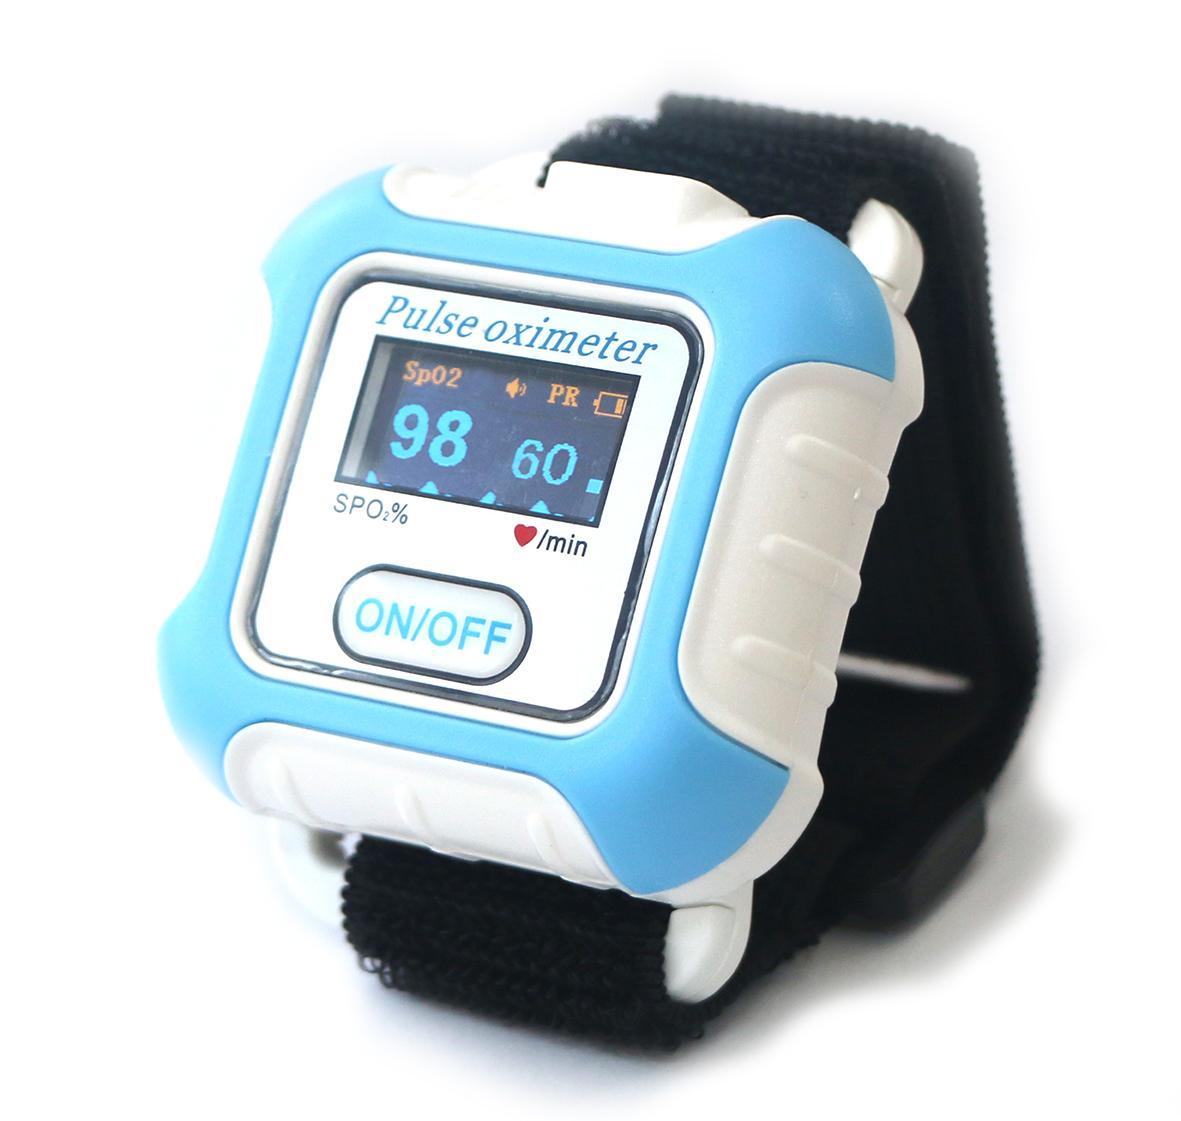 新生儿蓝牙睡眠监测腕式血氧仪 1